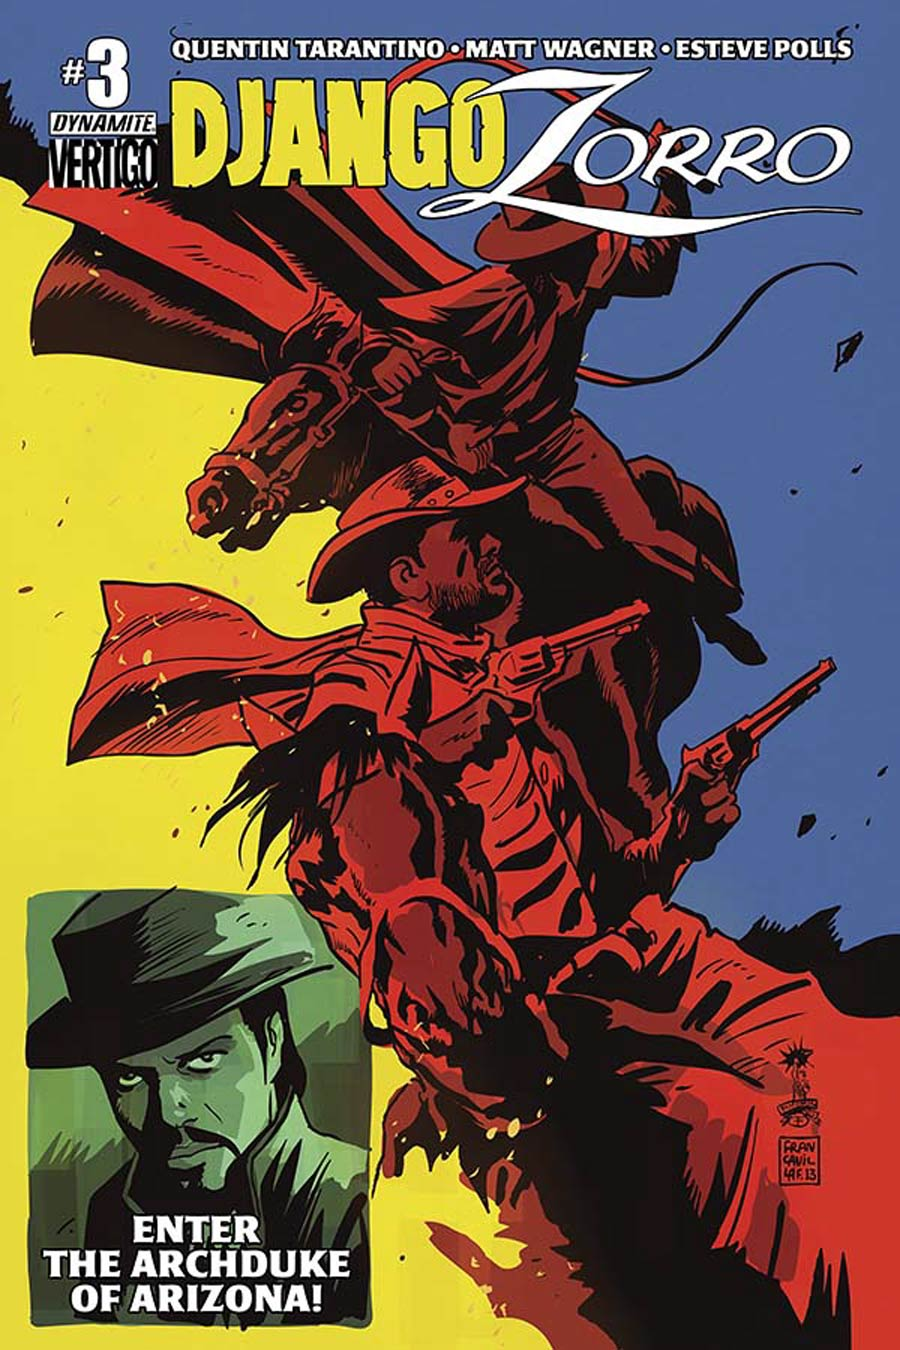 Django Zorro #3 Cover B Variant Francesco Francavilla Cover